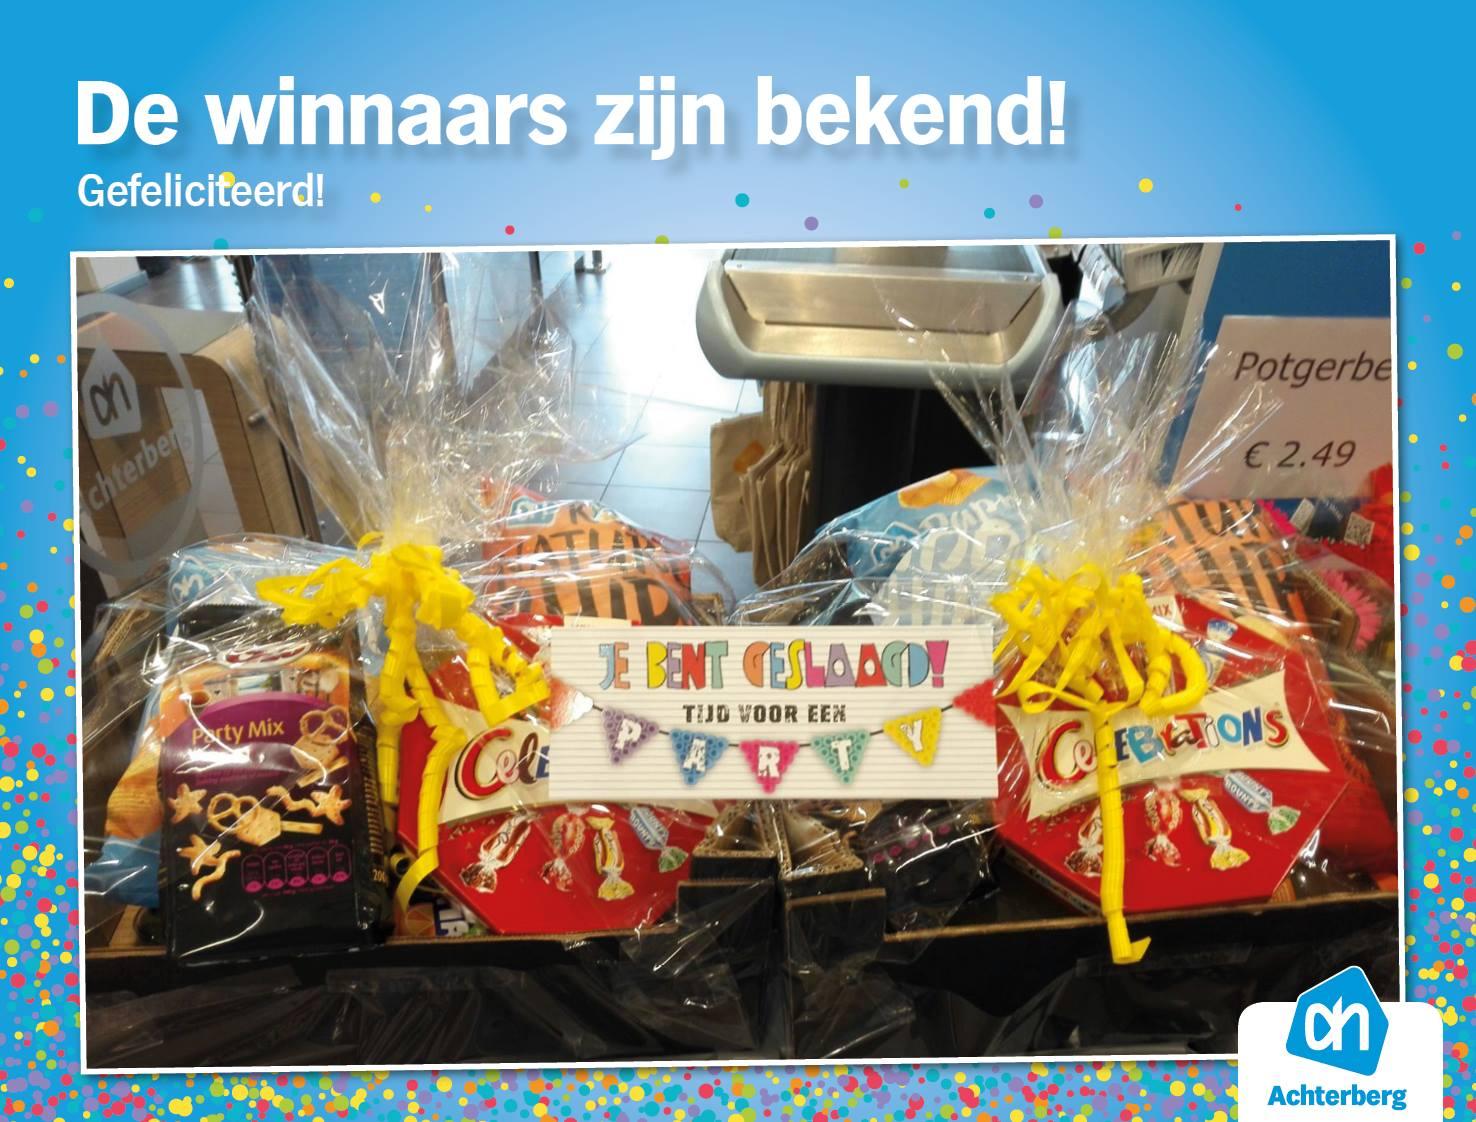 De winnaars zijn bekend! Gefeliciteerd!